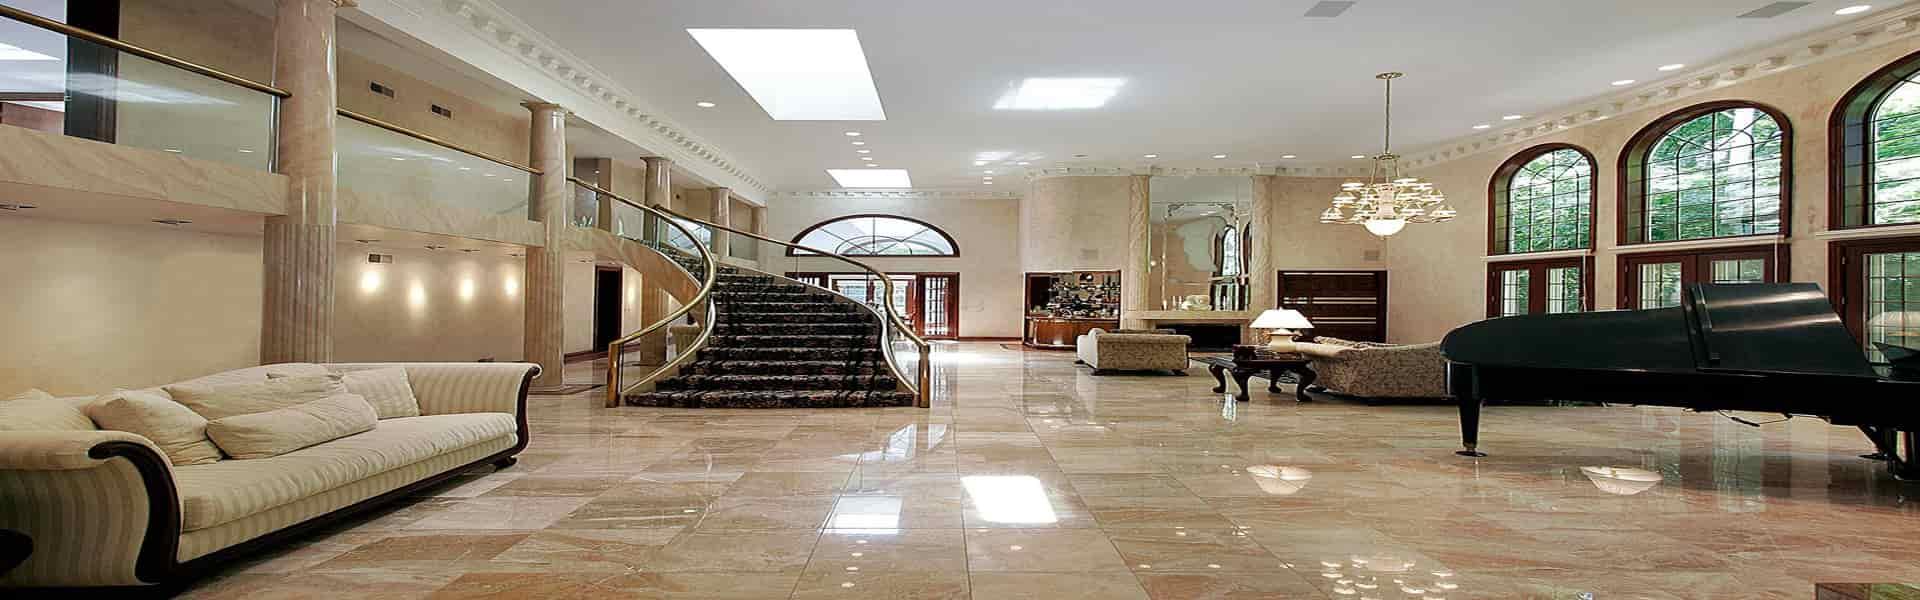 Best Marble For Flooring Alyssamyers